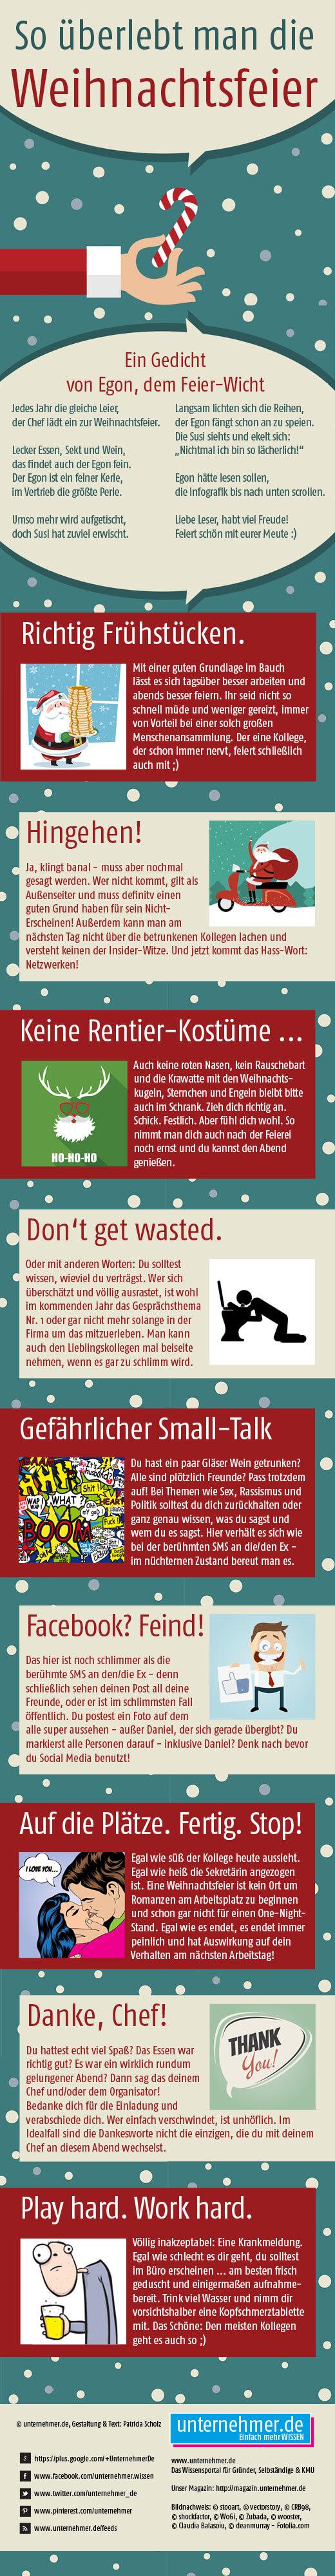 Die Firmen-Weihnachtsfeier: So überlebt man sie!